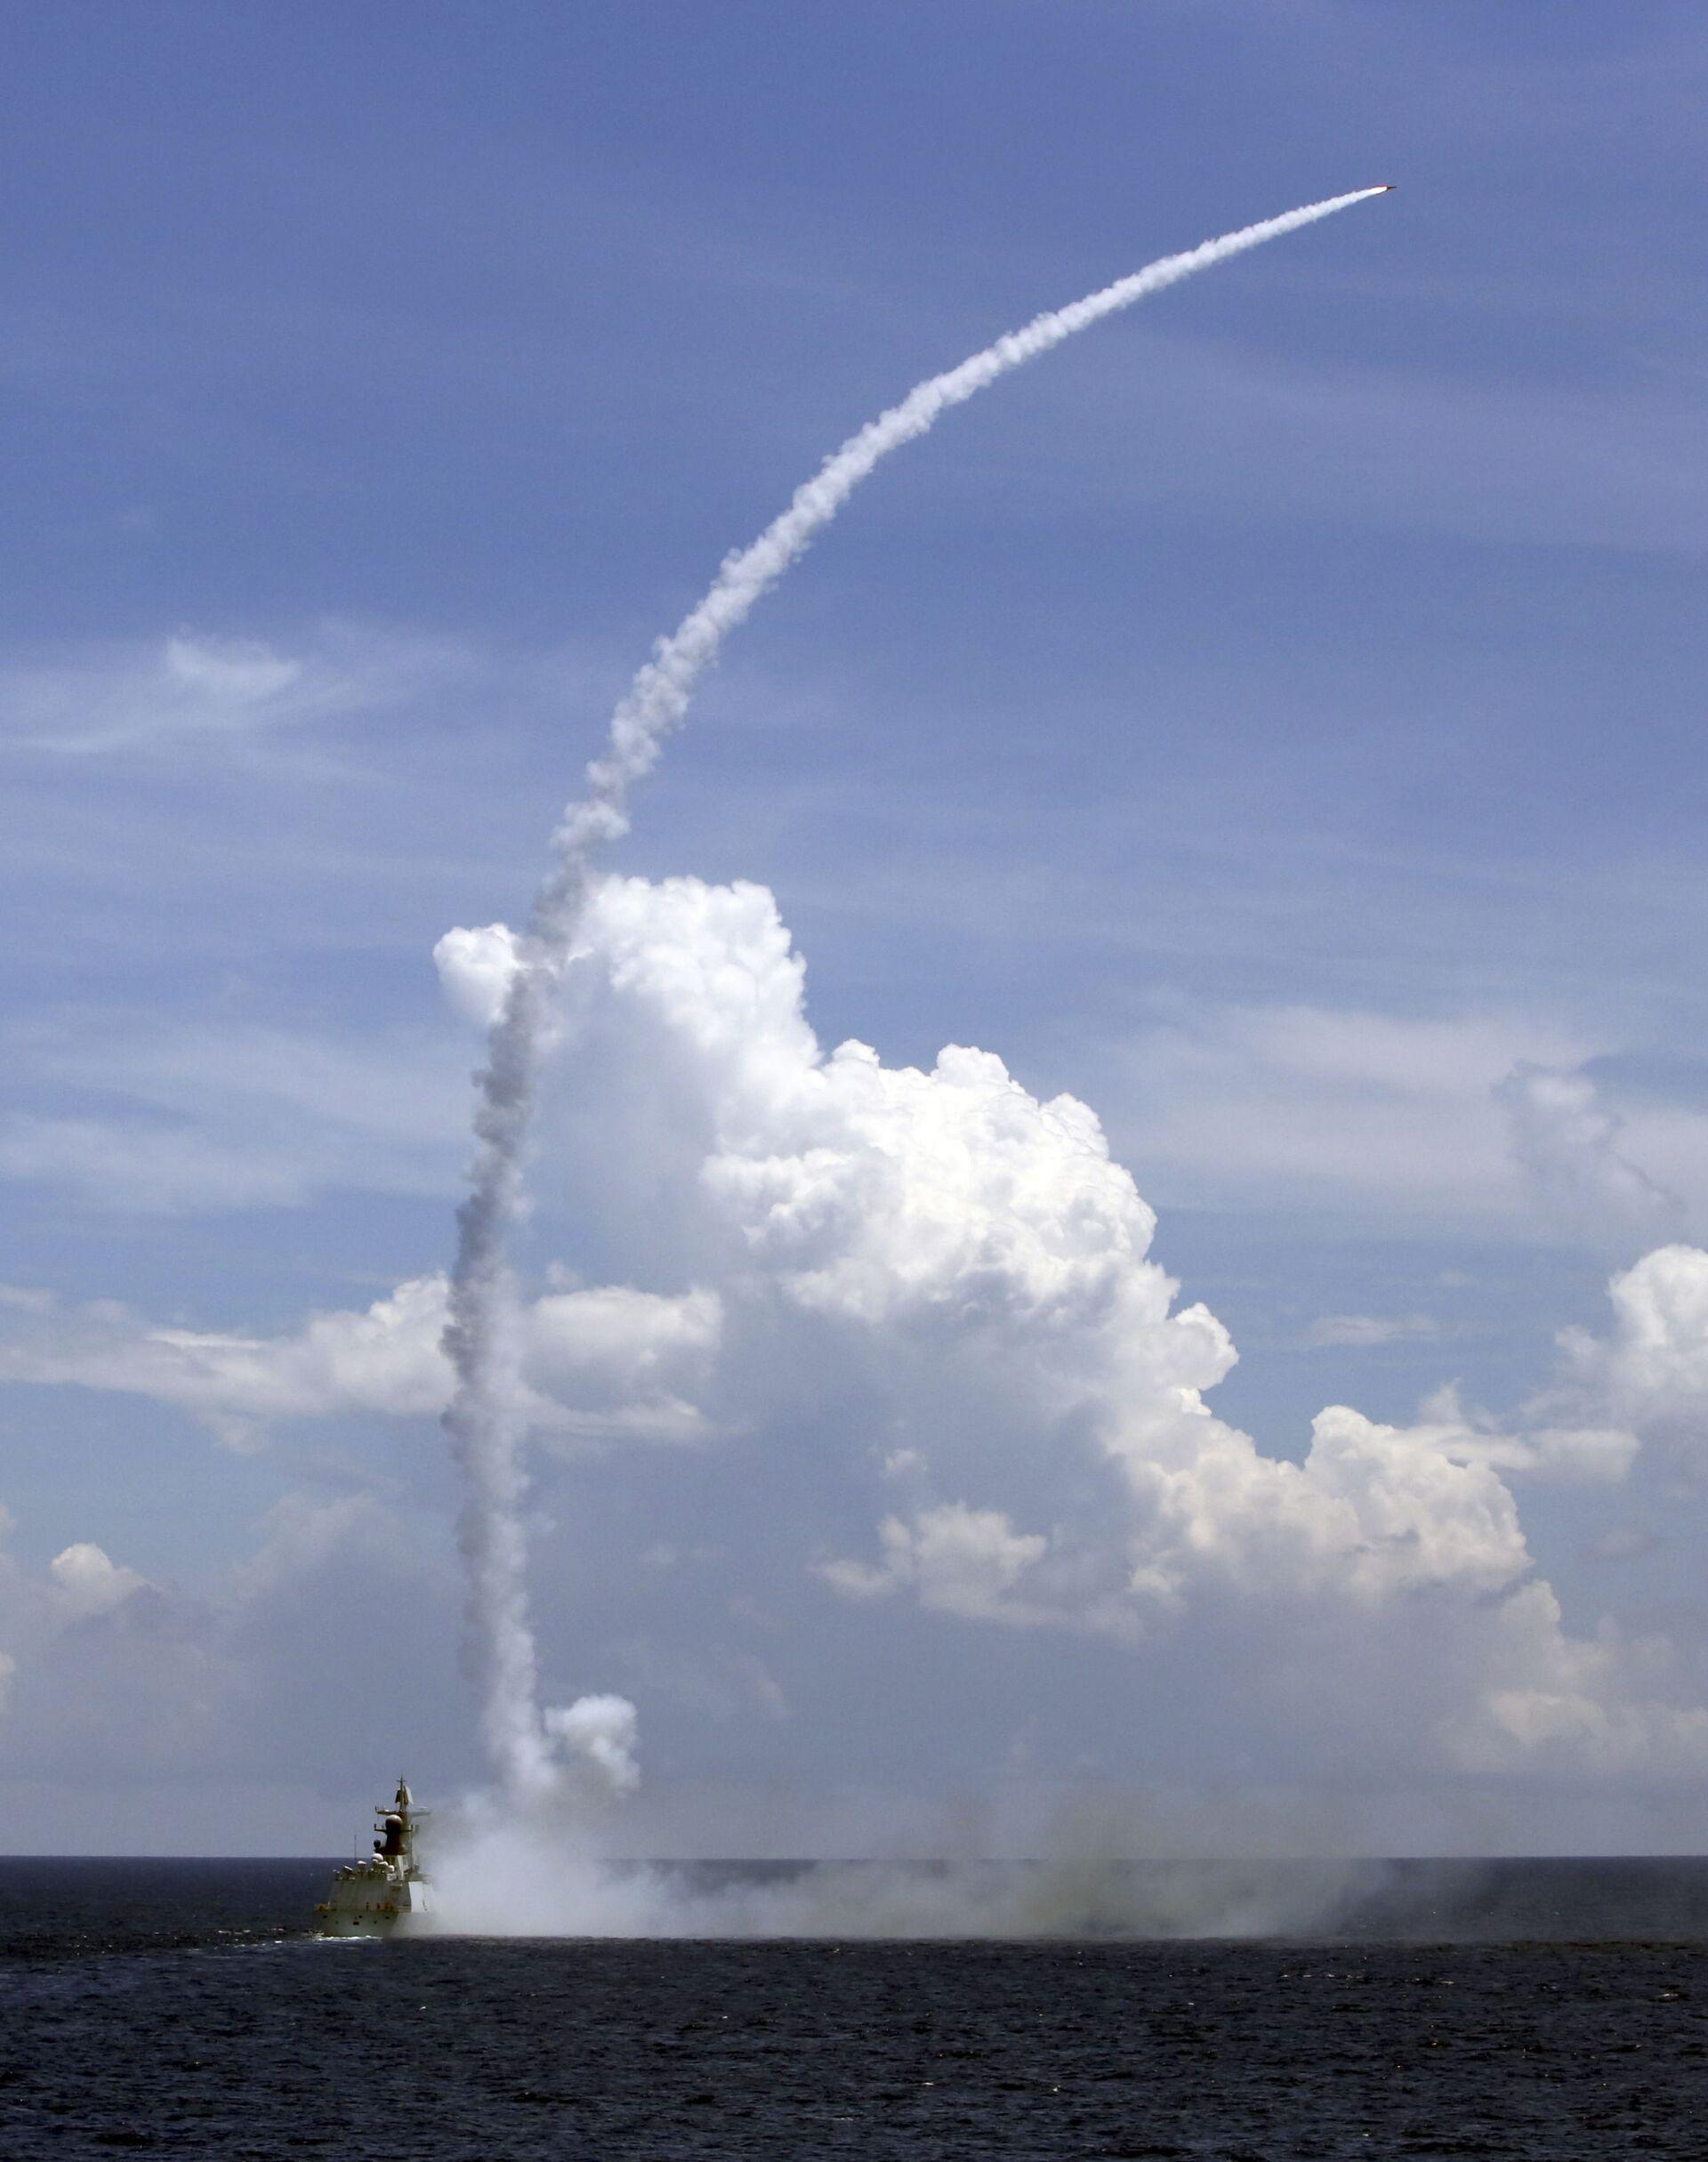 Việt Nam lên tiếng việc Trung Quốc tập trận dội hàng nghìn đạn dược xuống Biển Đông - Sputnik Việt Nam, 1920, 27.05.2021